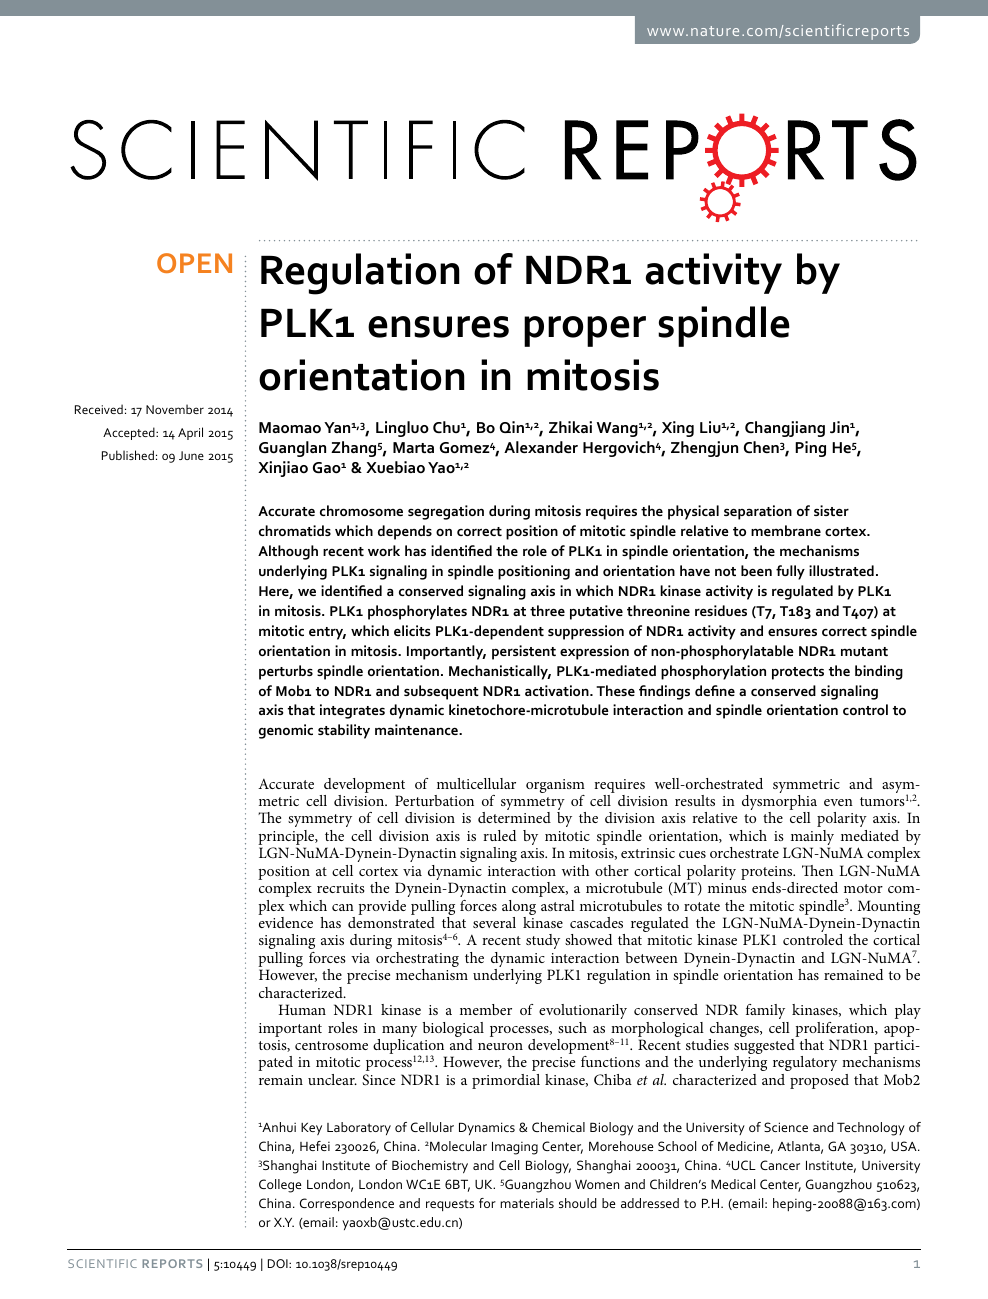 Regulation of NDR1 activity by PLK1 ensures proper spindle